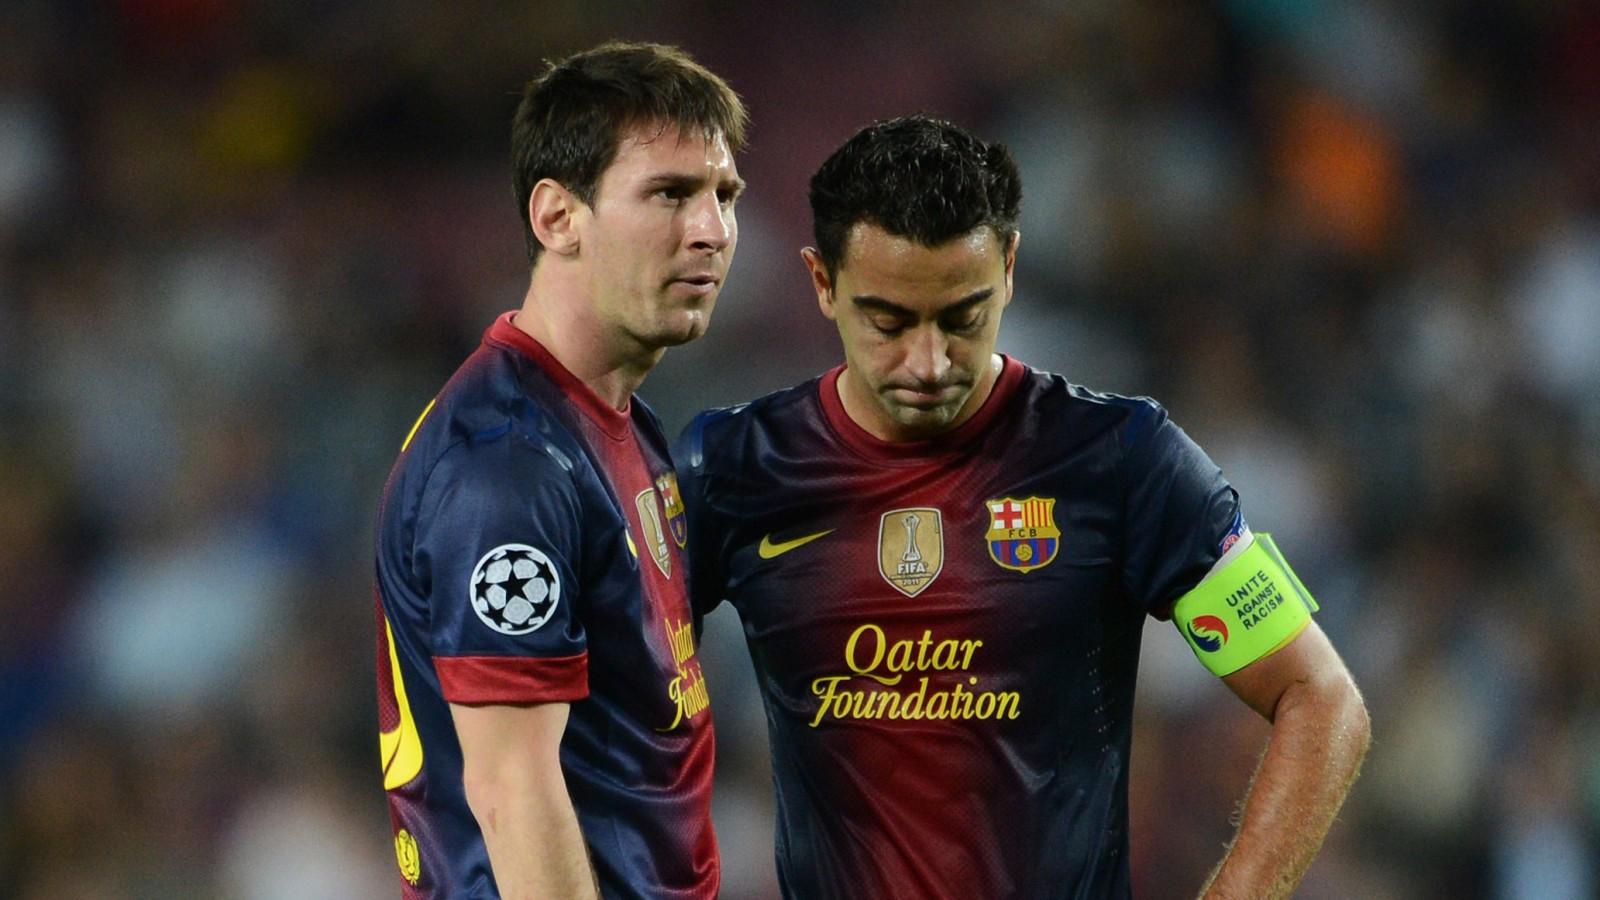 Хави: основное отличие «Барселоны» от сборной Испании — это Месси